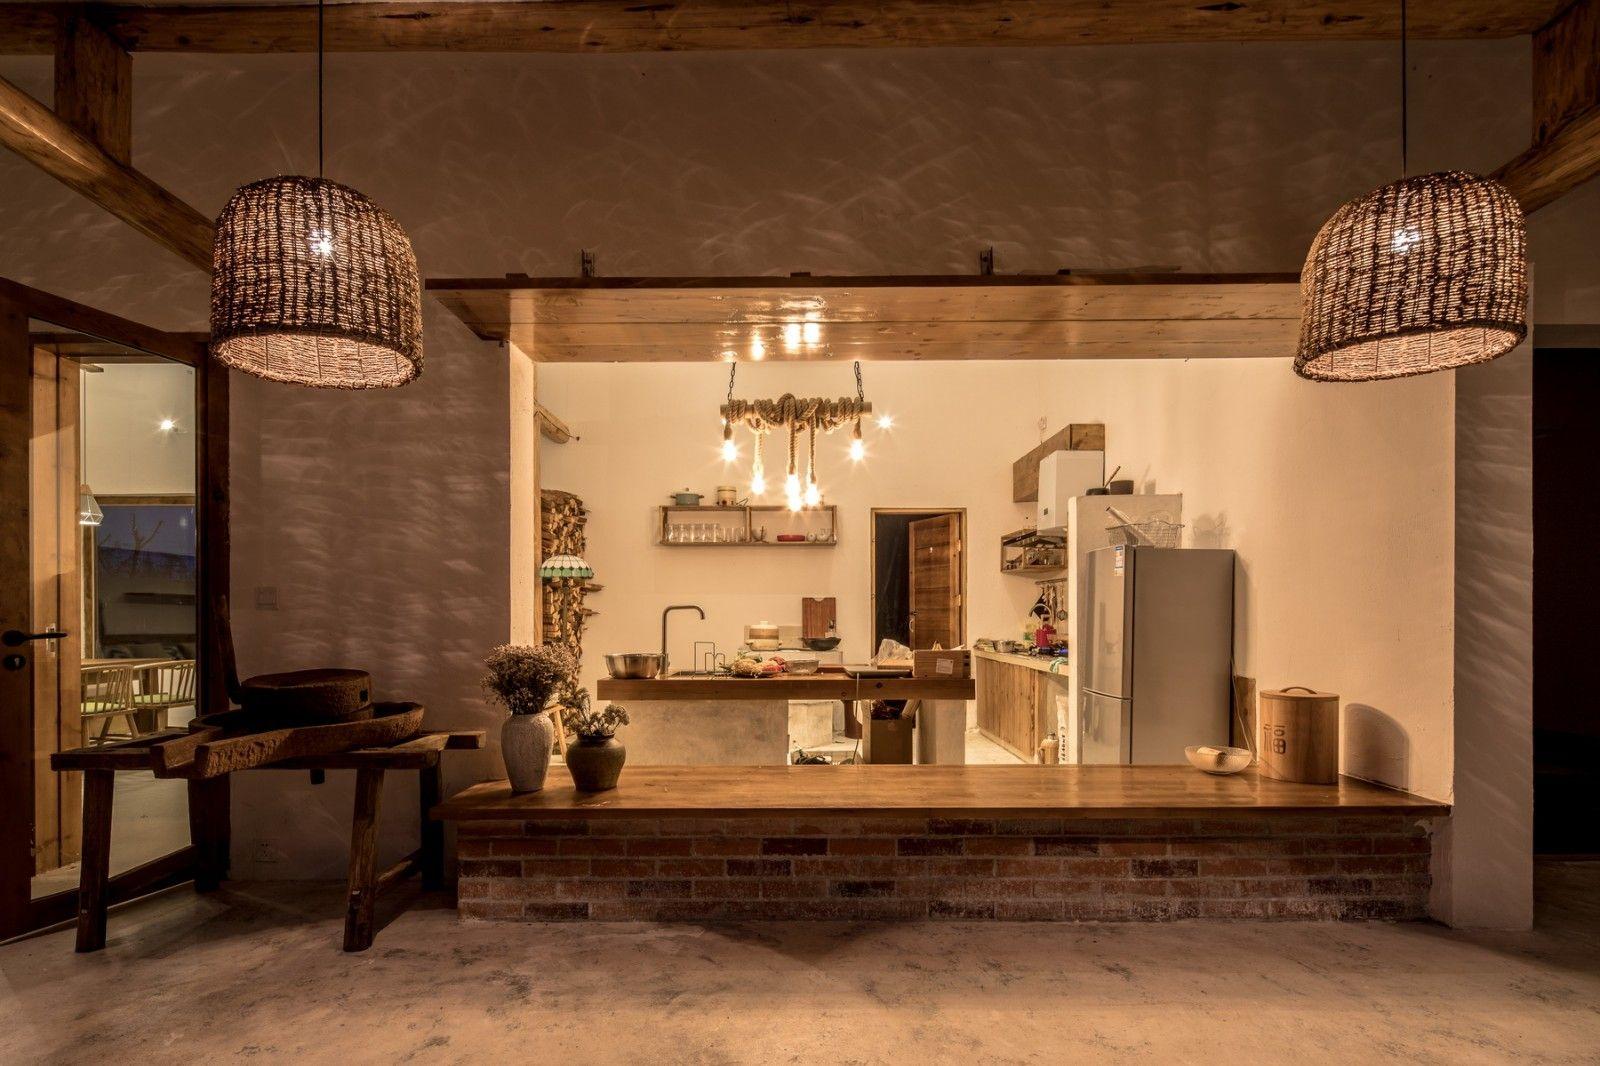 记忆里的悠悠茶香·四川-小茶院 | 使然设计|使然设计 - 13